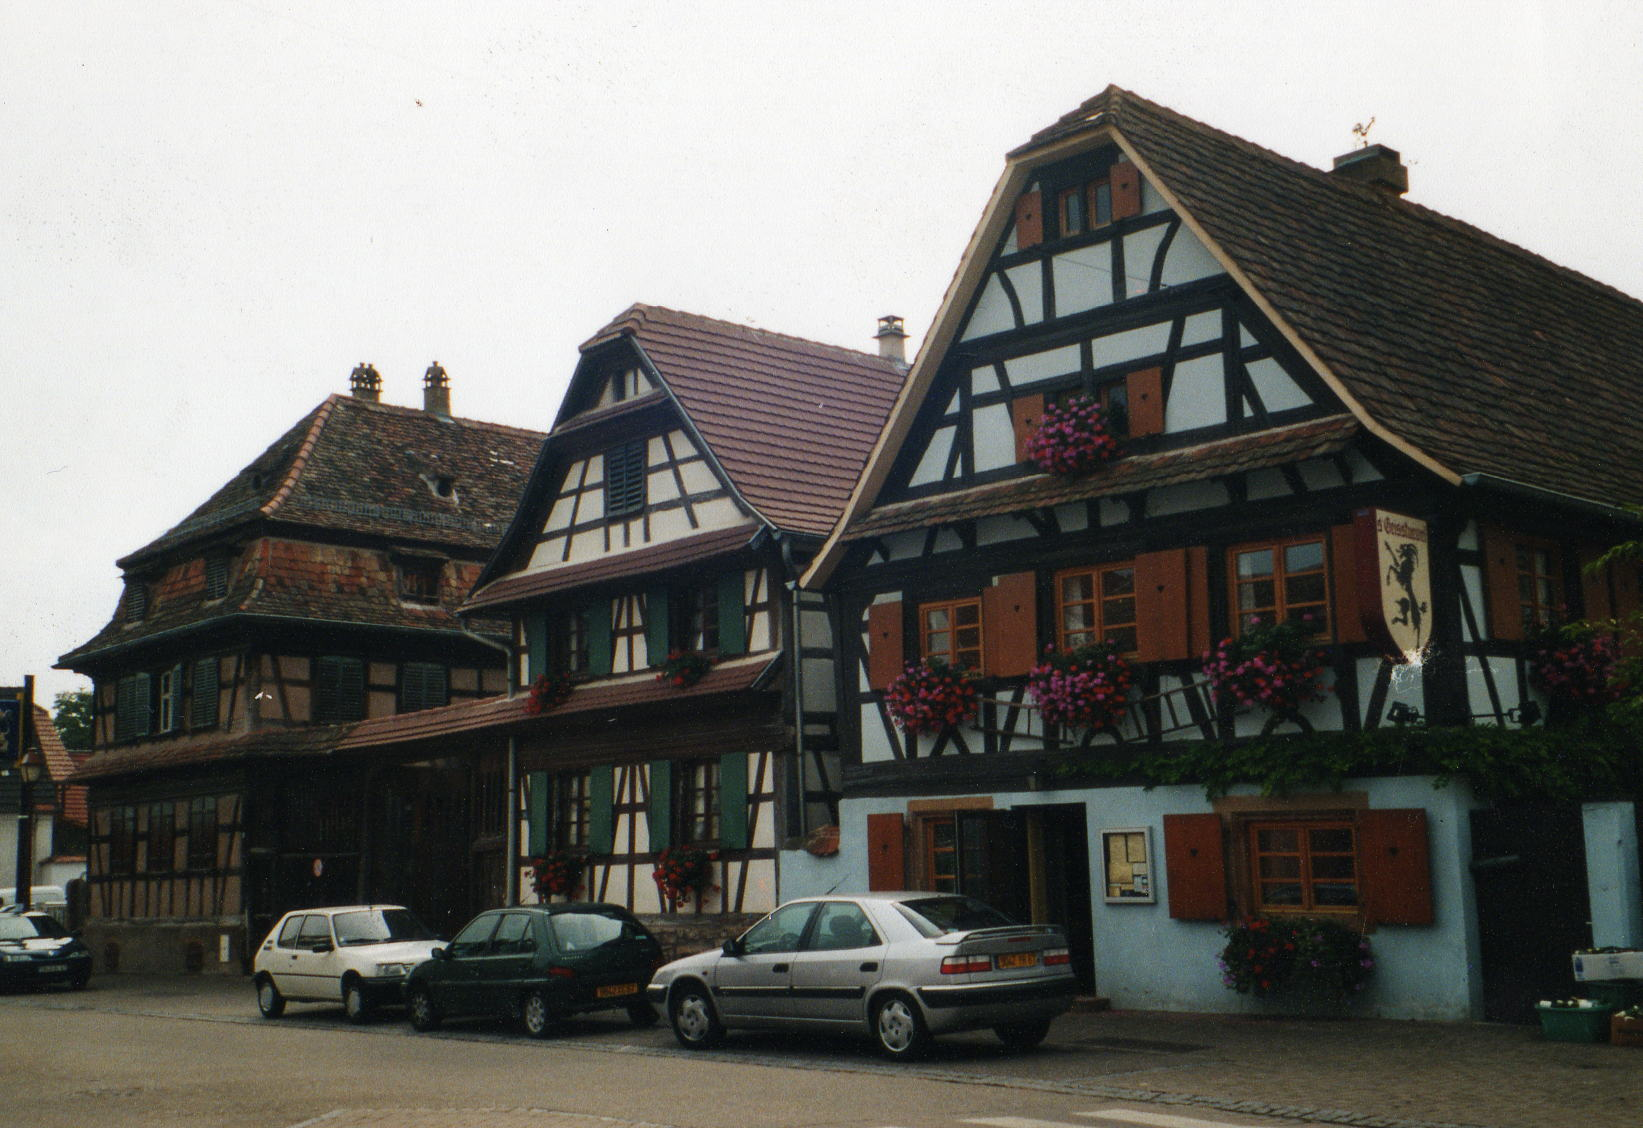 Geispolsheim France  City pictures : Photographie représentant symboliquement la Commune